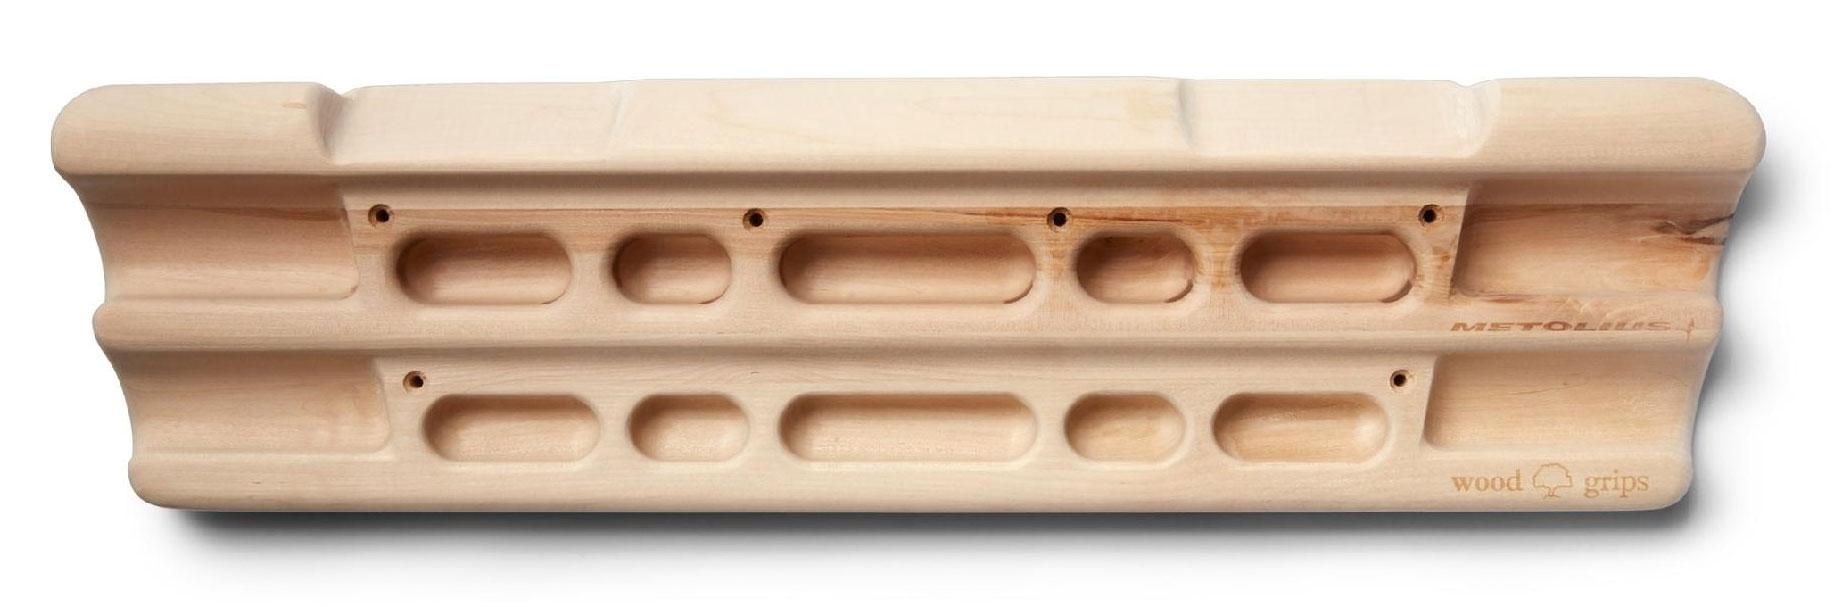 metolius wood grips ii